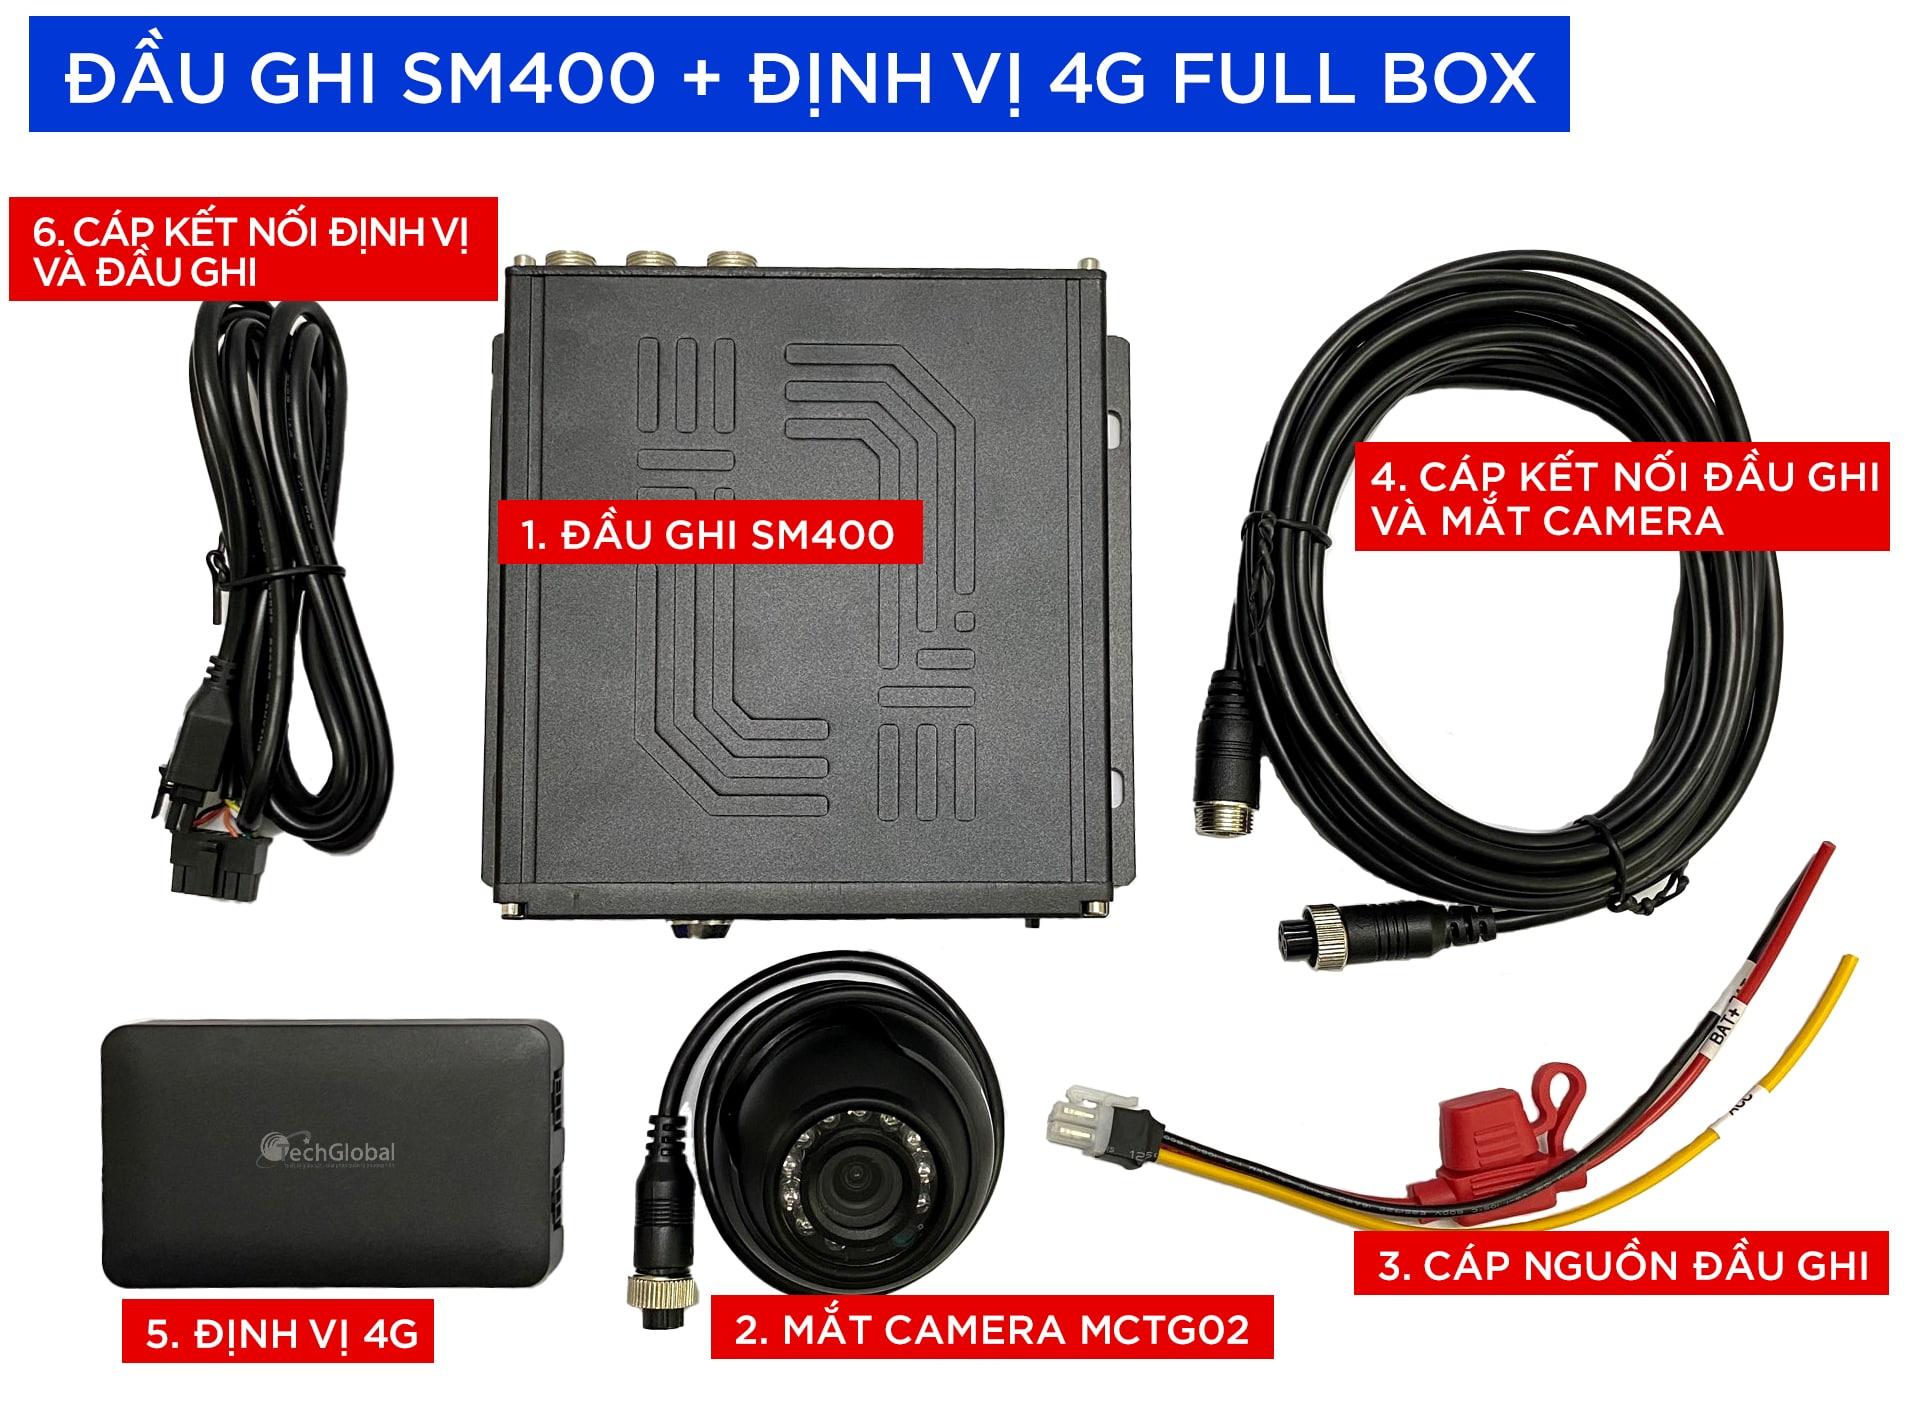 trọn bộ sản phẩm sm400 tại thành nam gps - địa chỉ lắp camera nghị định 10 uy tín